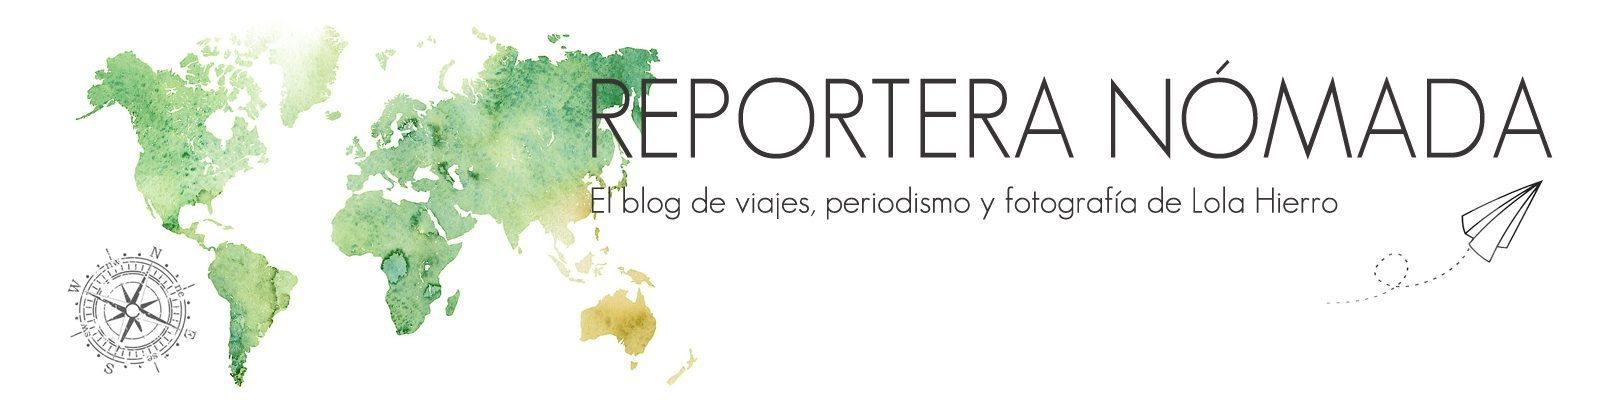 Reportera nomada